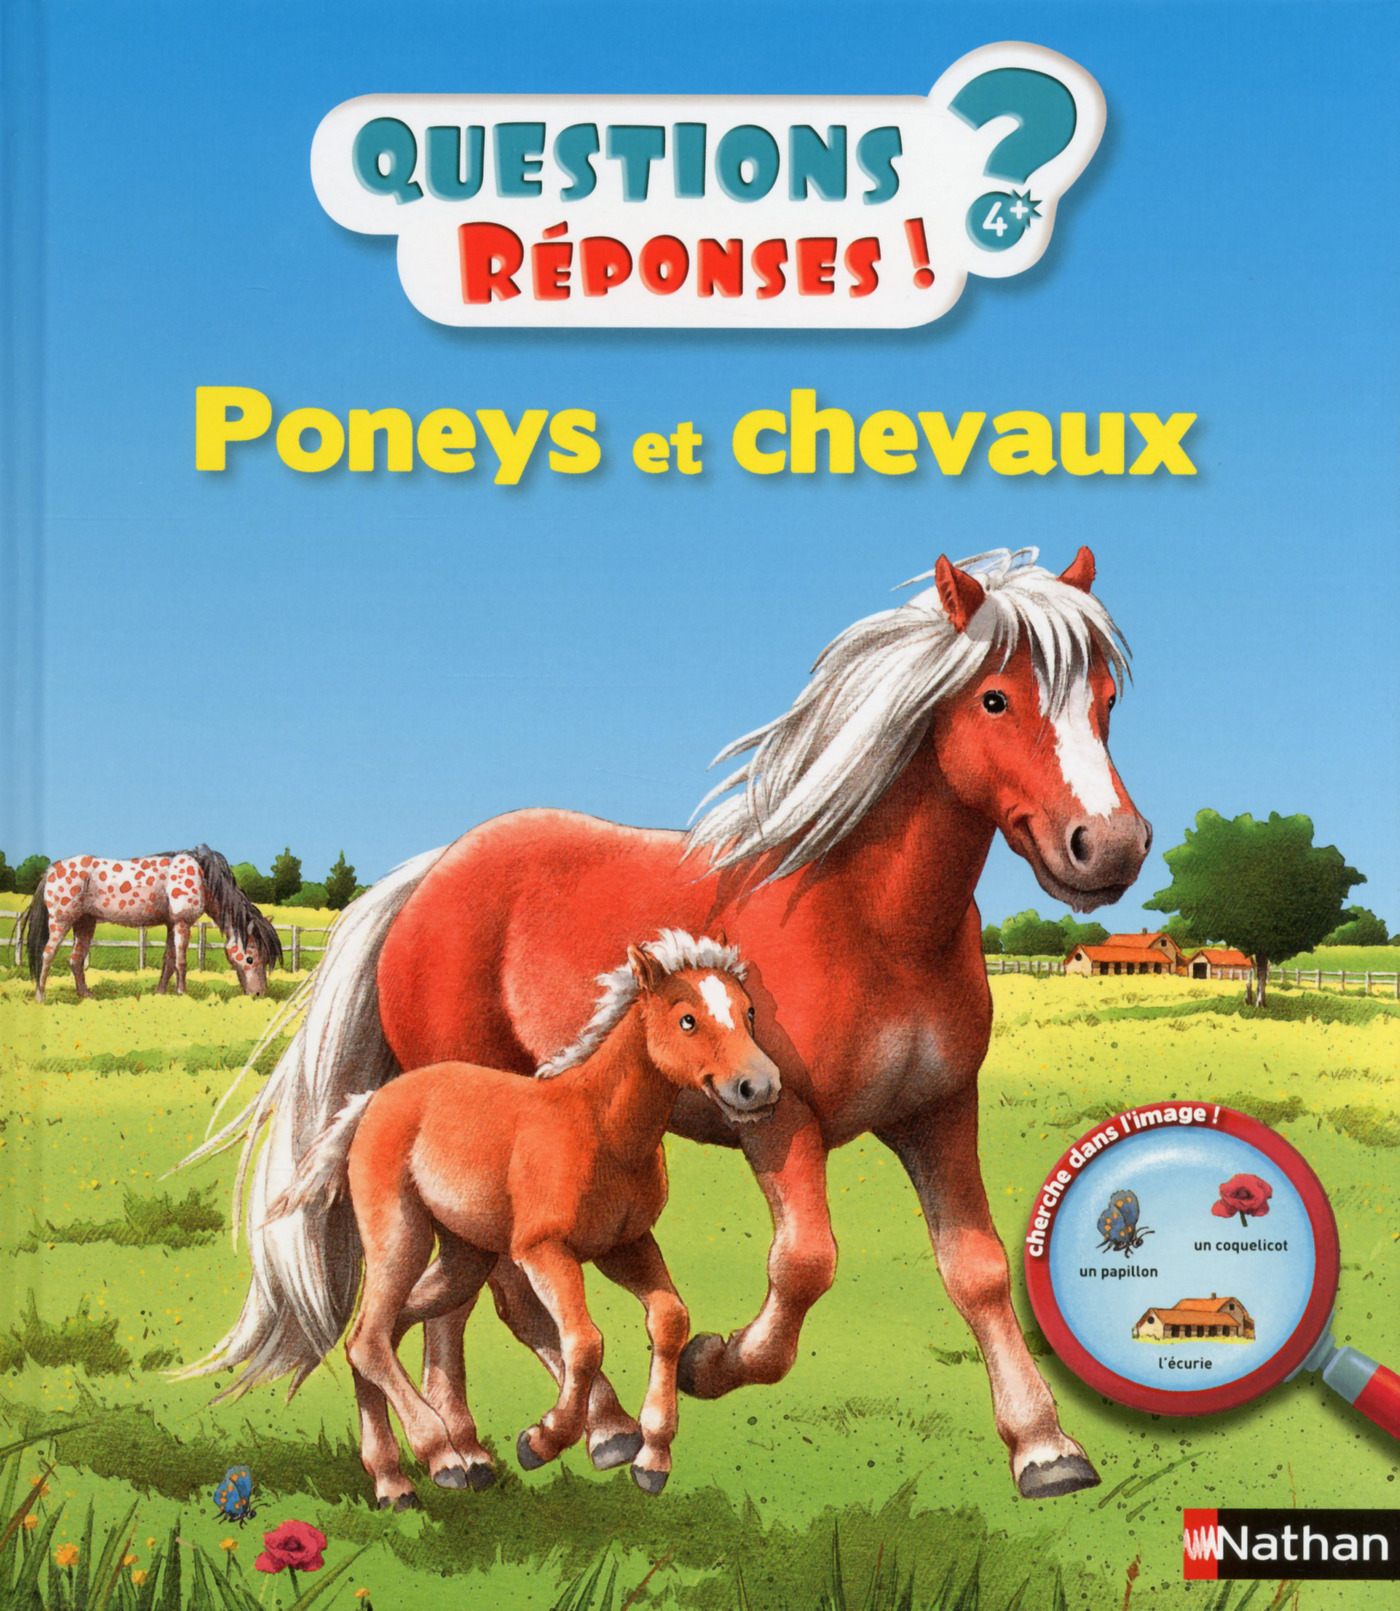 Poneys et chevaux - Questions/Réponses - doc dès 5 ans